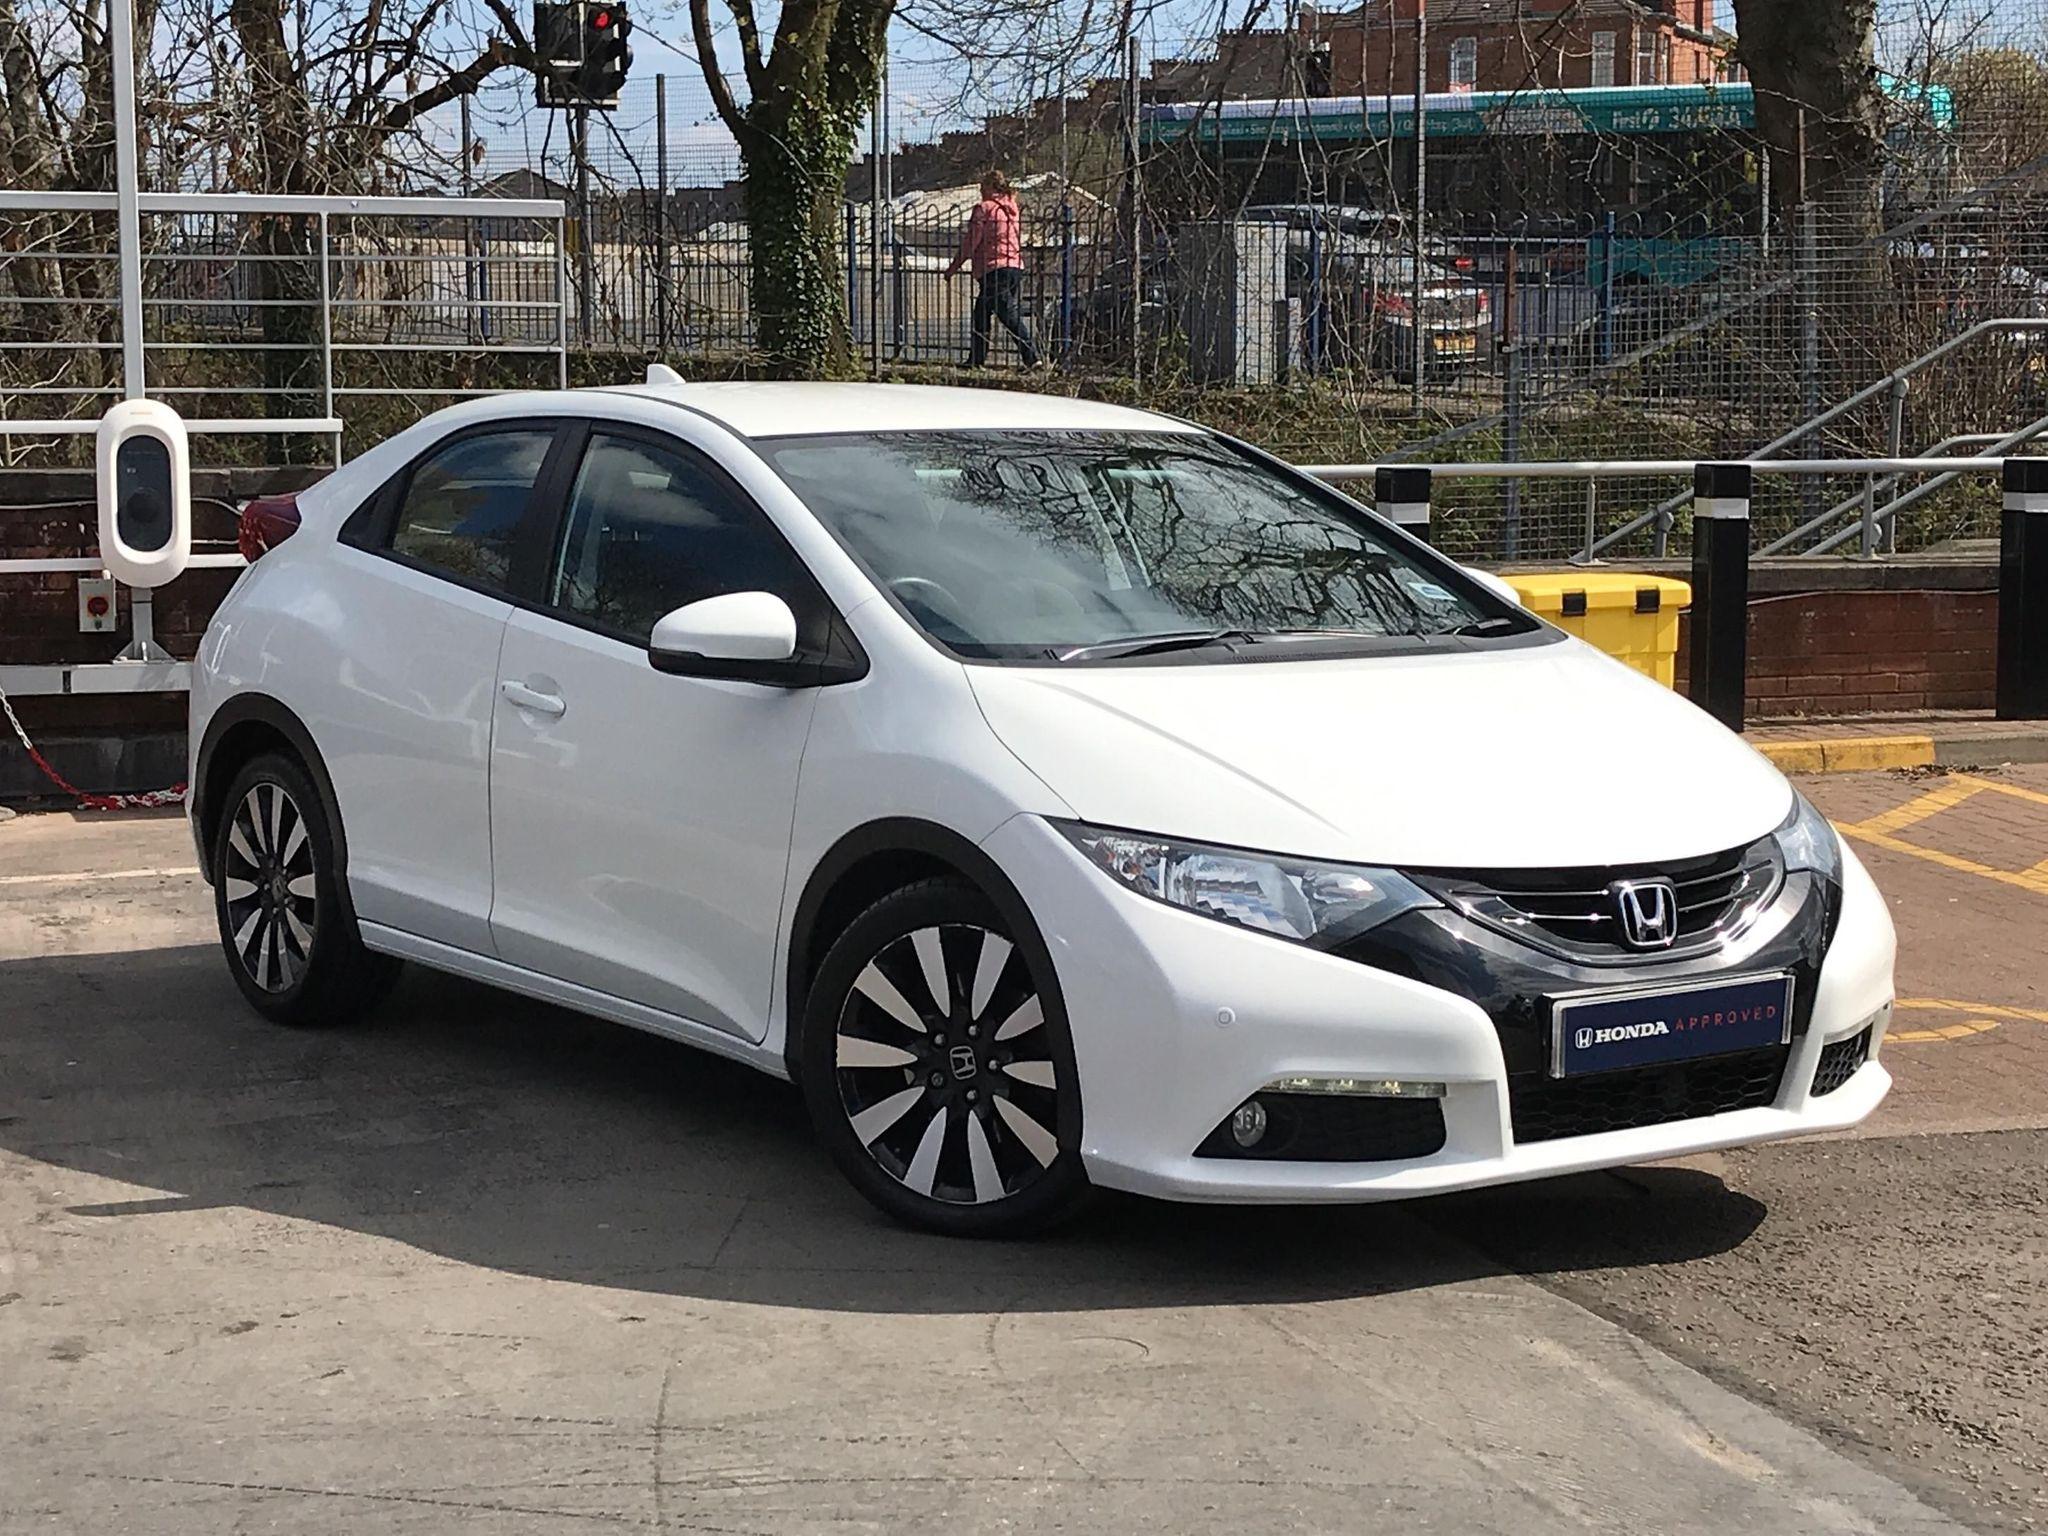 Honda Civic 1.8 i-VTEC SE Plus-T 5dr